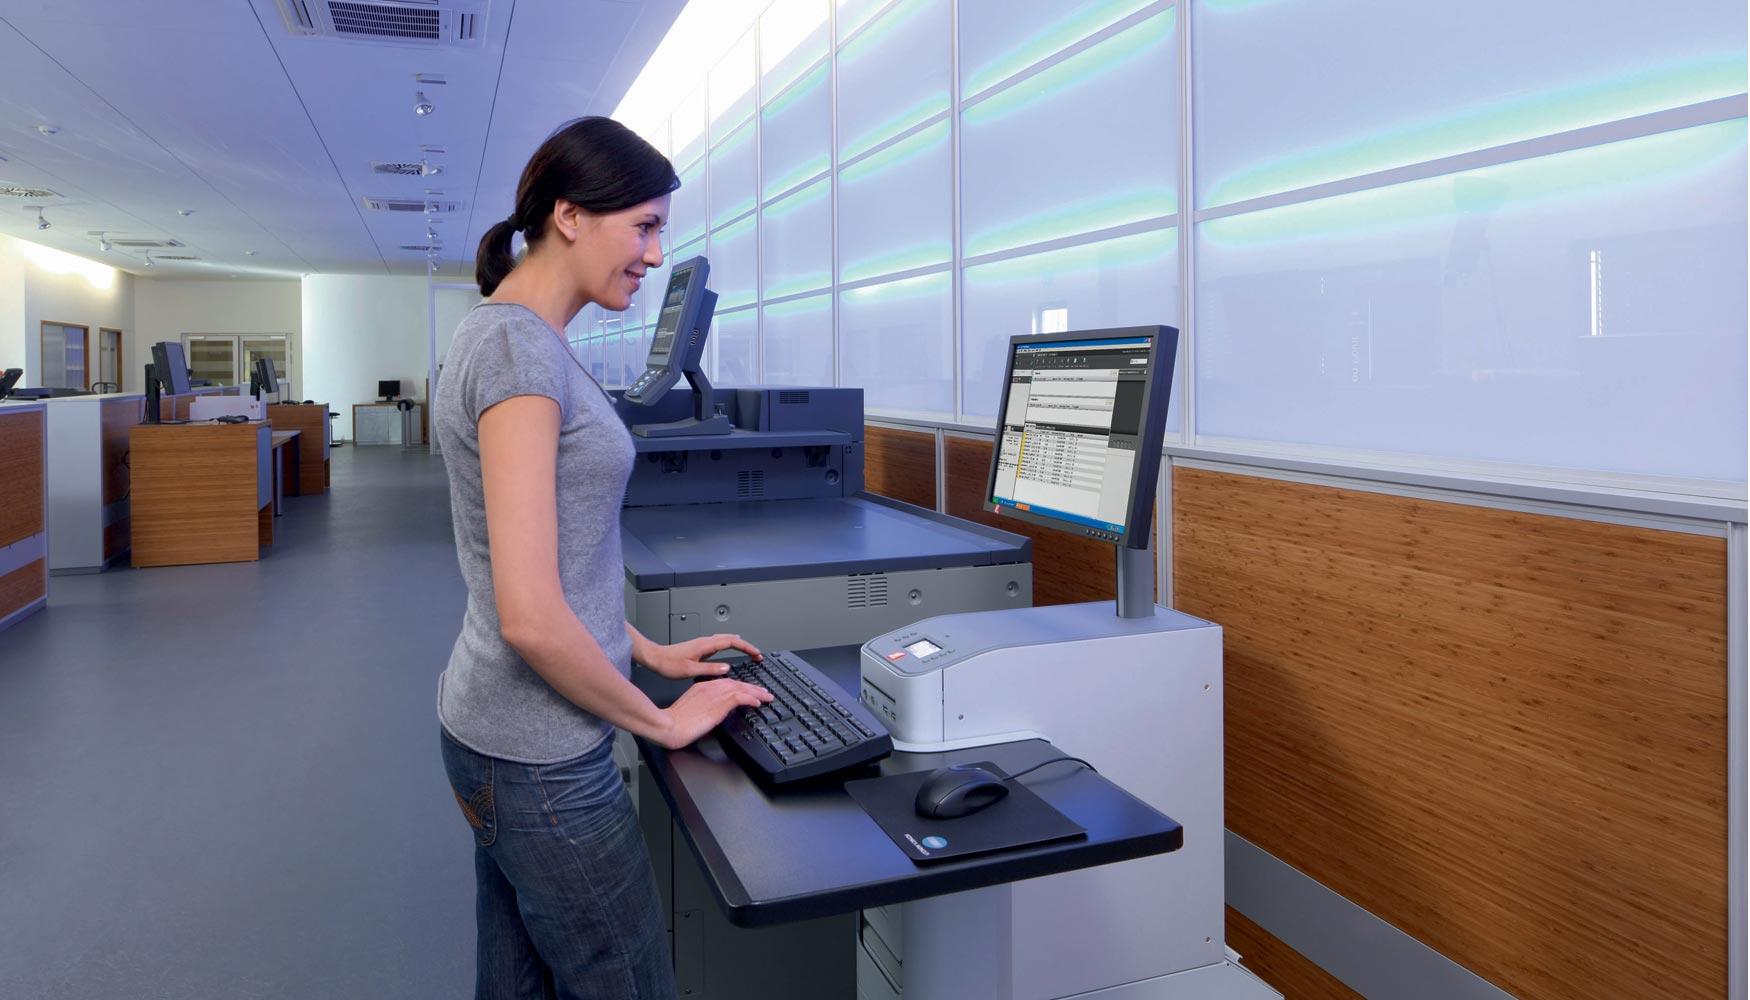 Konica minolta lanza el software kip k para sus dispositivos gran formato industria gr fica - Oficina virtual industria ...